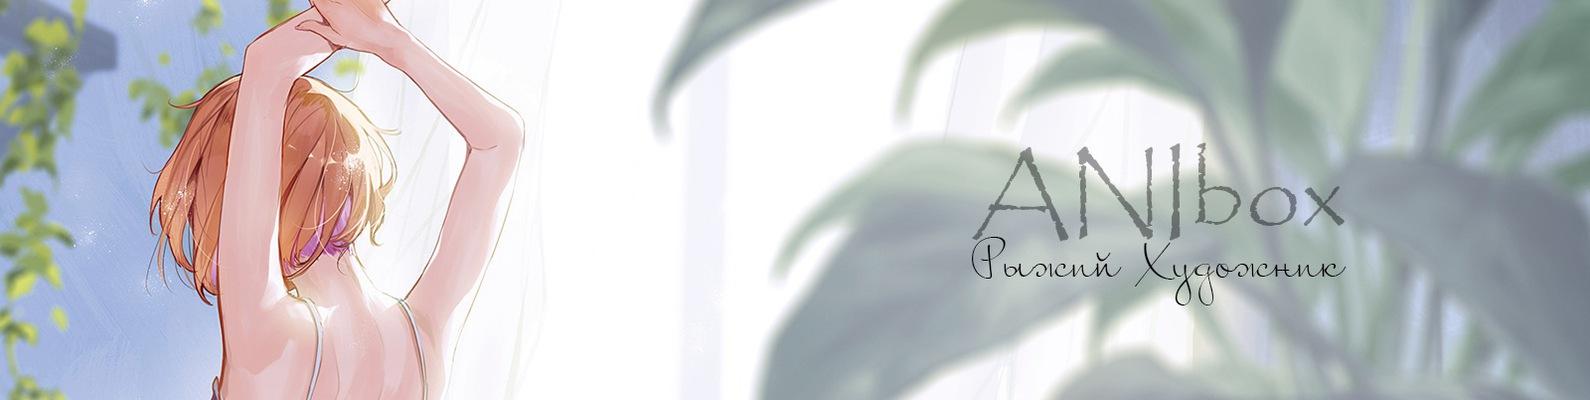 anibox.ru - ANIbox - аниме онлайн, смотреть аниме, аниме ...